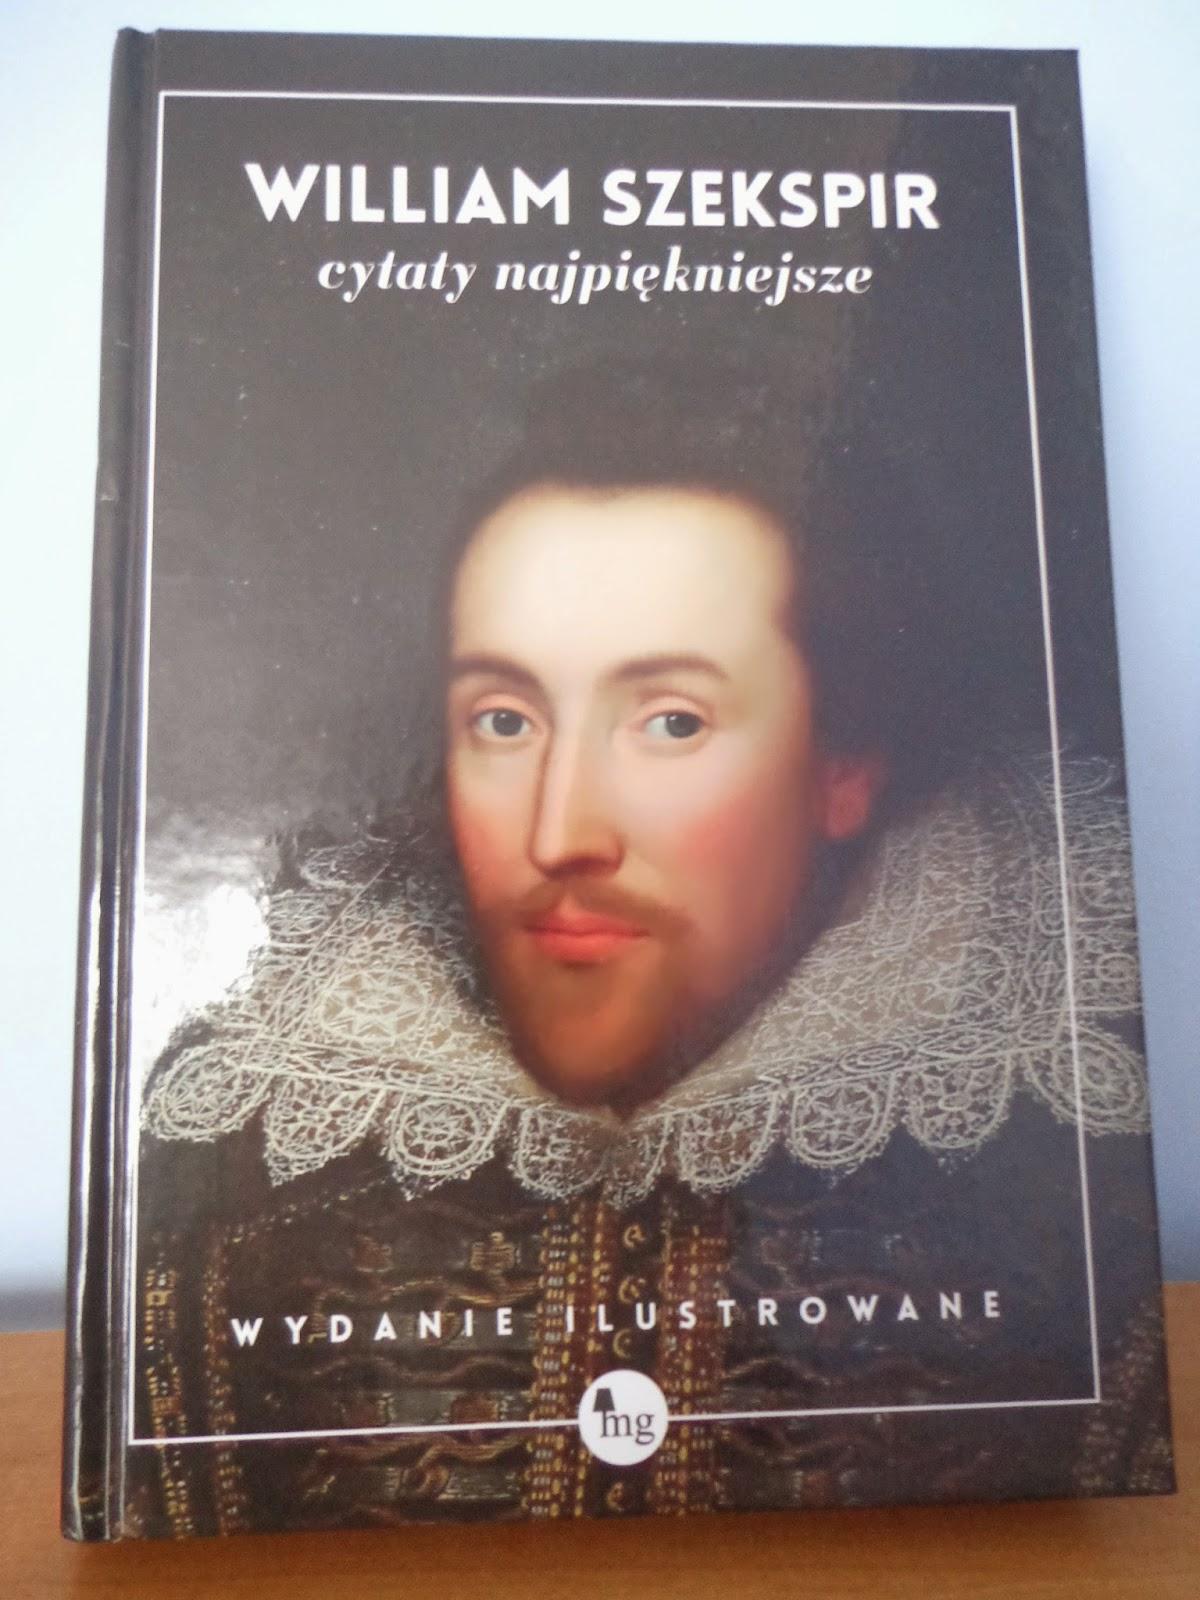 2 Razy K Książkowo I Kosmetycznie William Szekspir